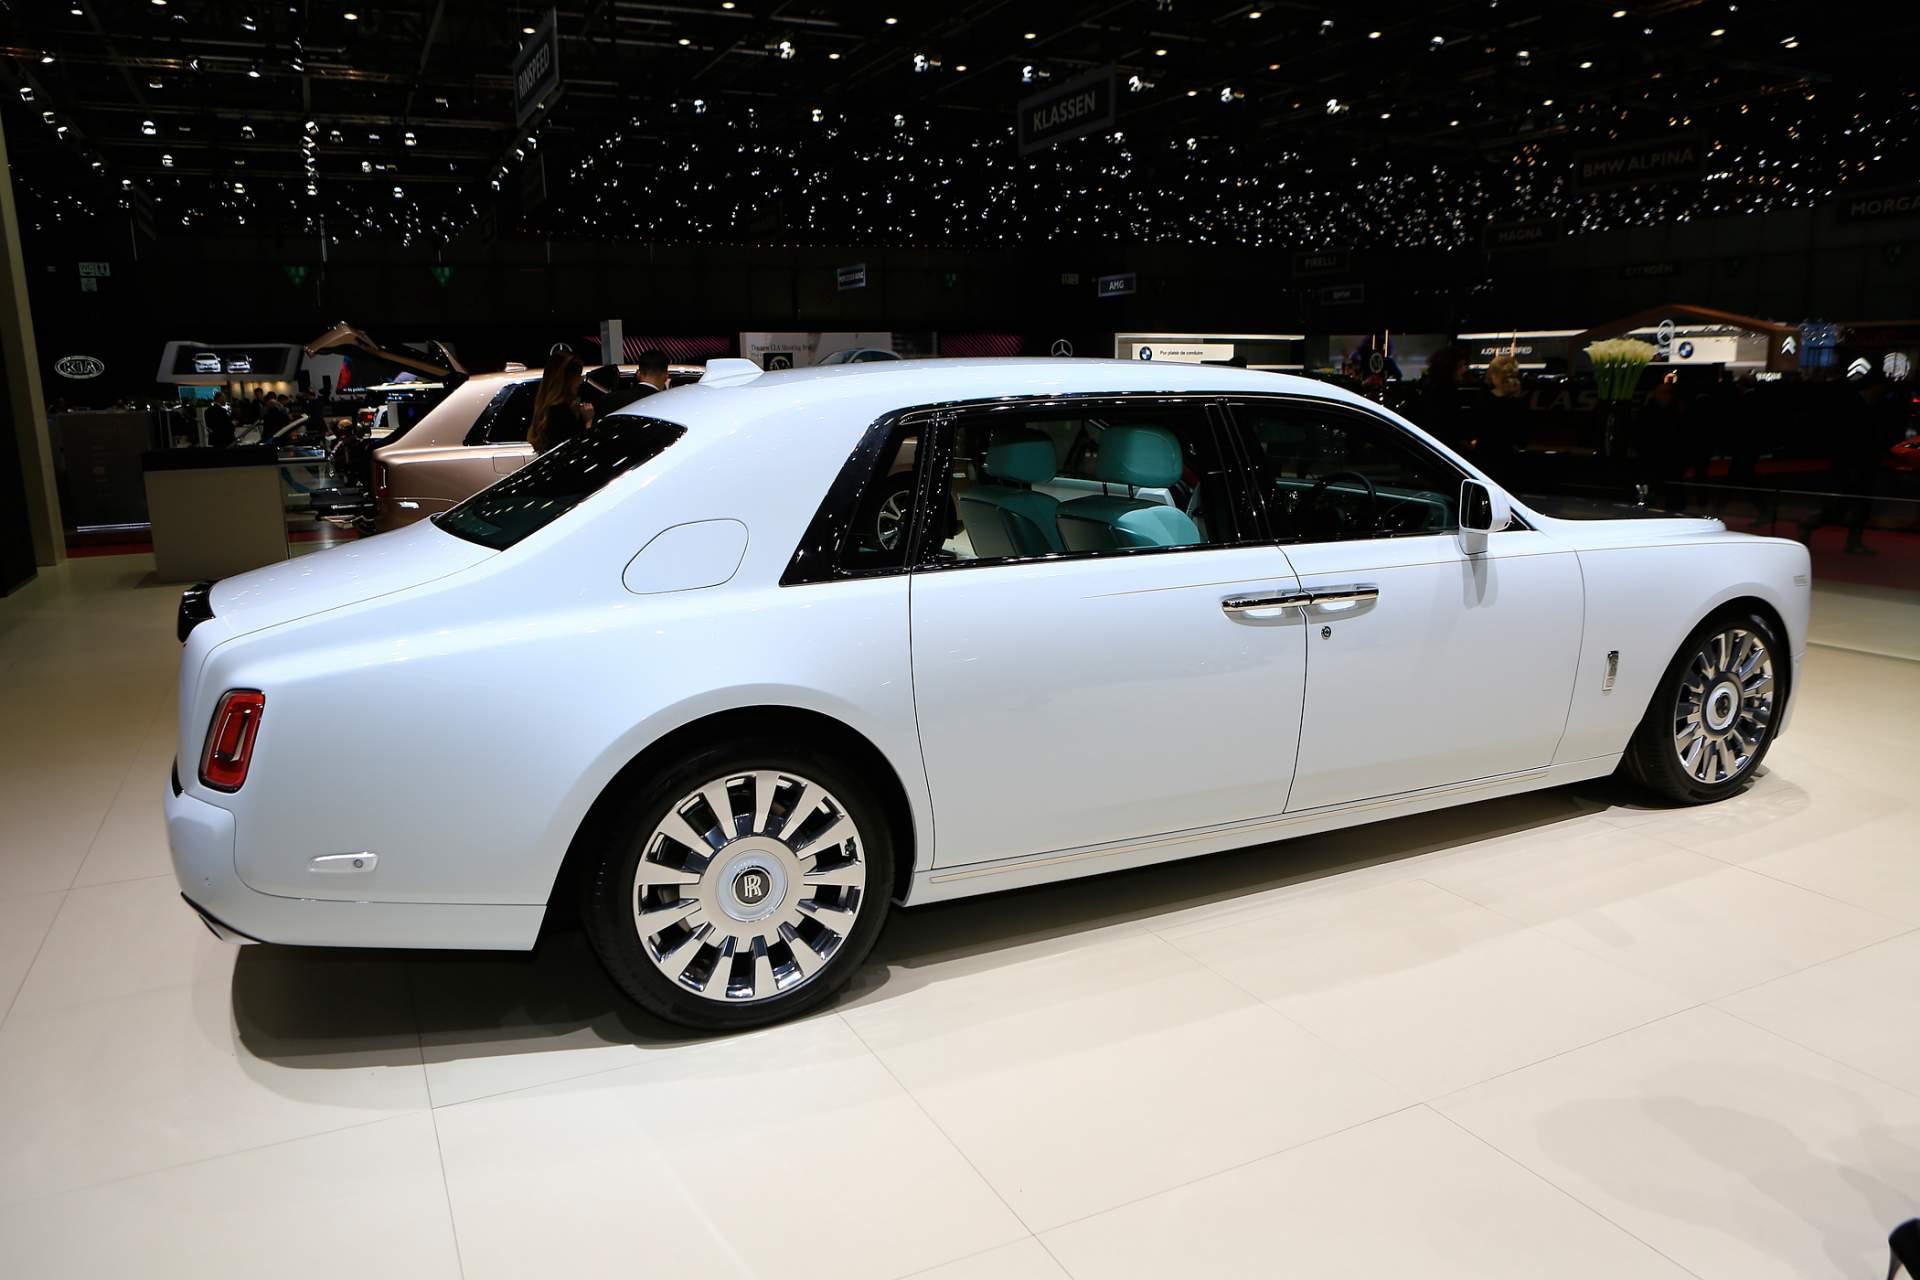 Rolls-Royce Phantom Tranquility lấy cảm hứng từ vũ trụ với nội thất đá thiên thạch - Photo 16